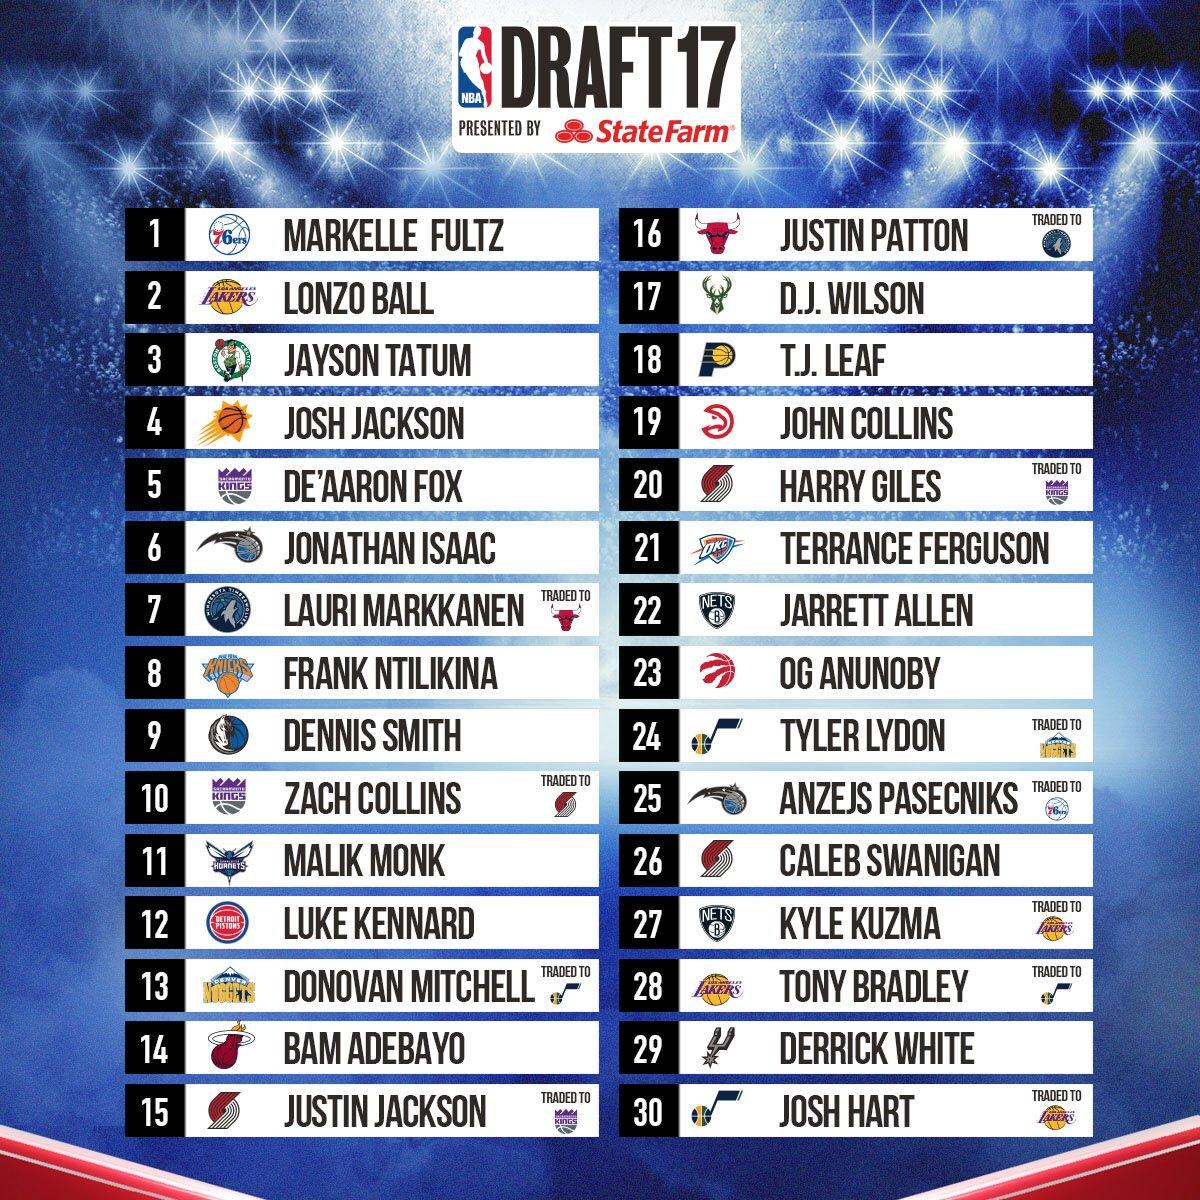 NBA: Dreams became reality at the #NBADraft! https://t.co/PgCNba7waD